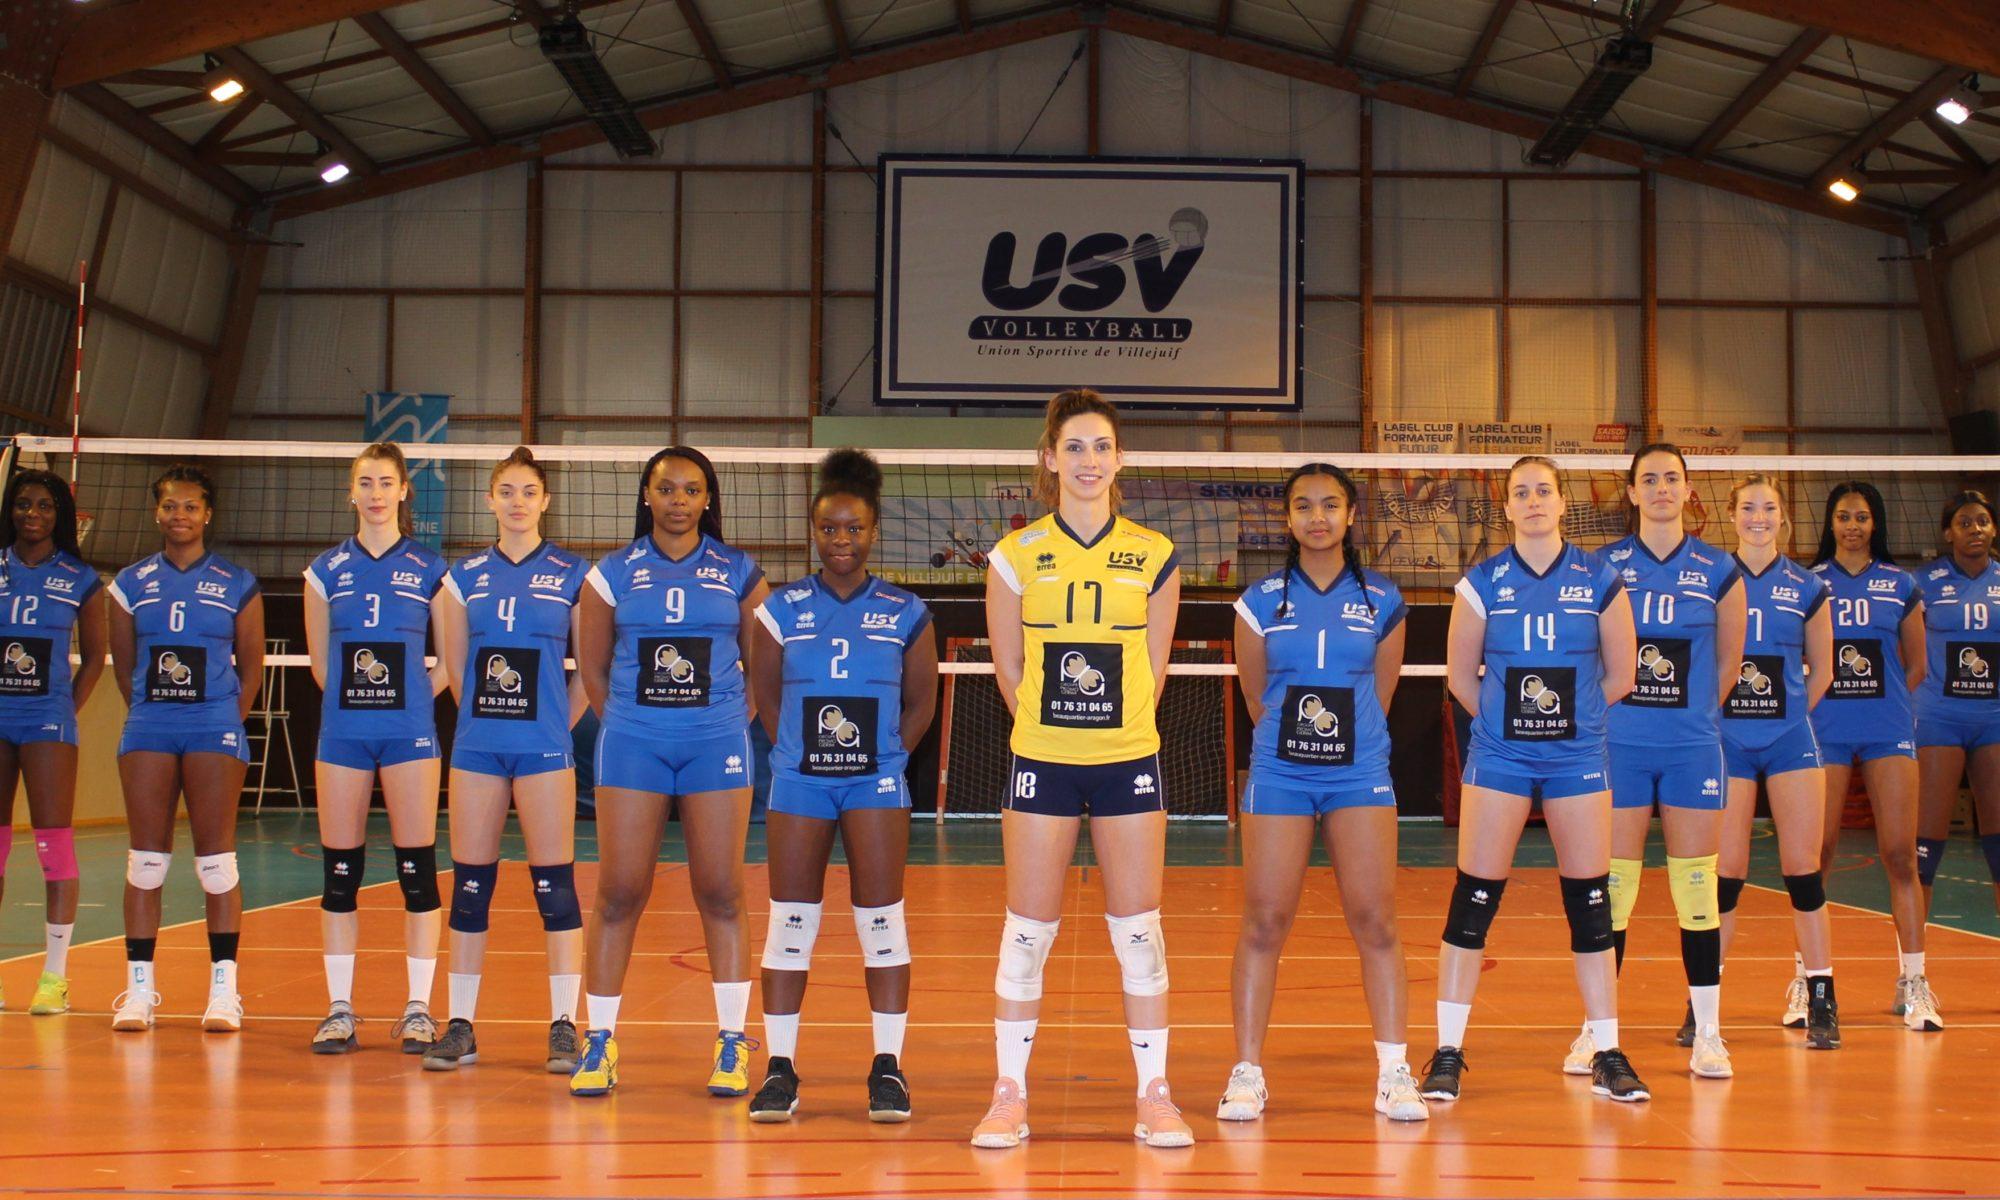 Union Sportive de Villejuif 94